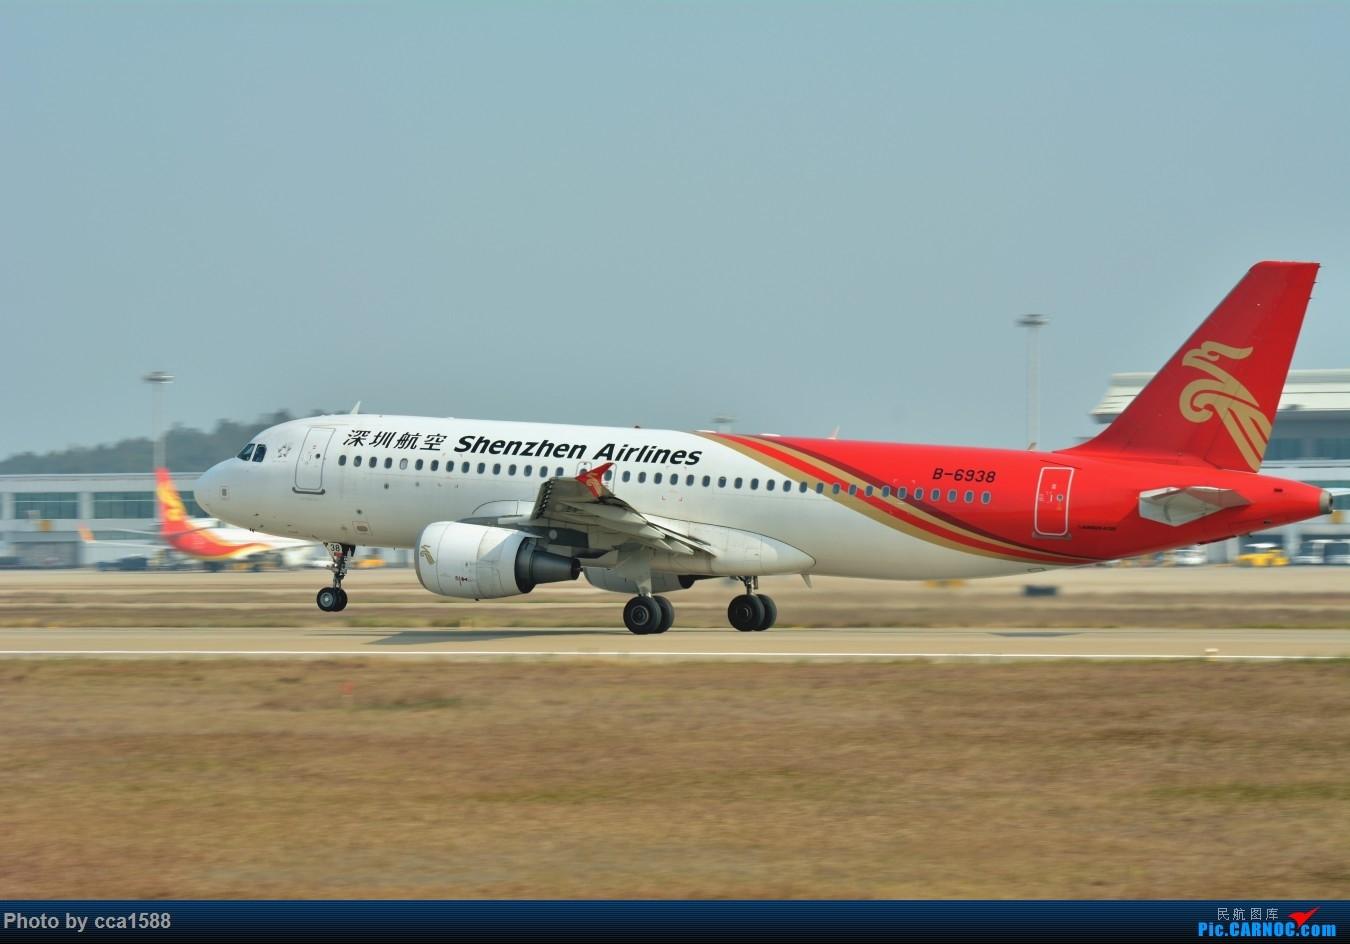 Re:[原创]【福州飞友会】新视角就有不一样的感觉~(动感非你莫属~) AIRBUS A320-200 B-6938 中国福州长乐国际机场